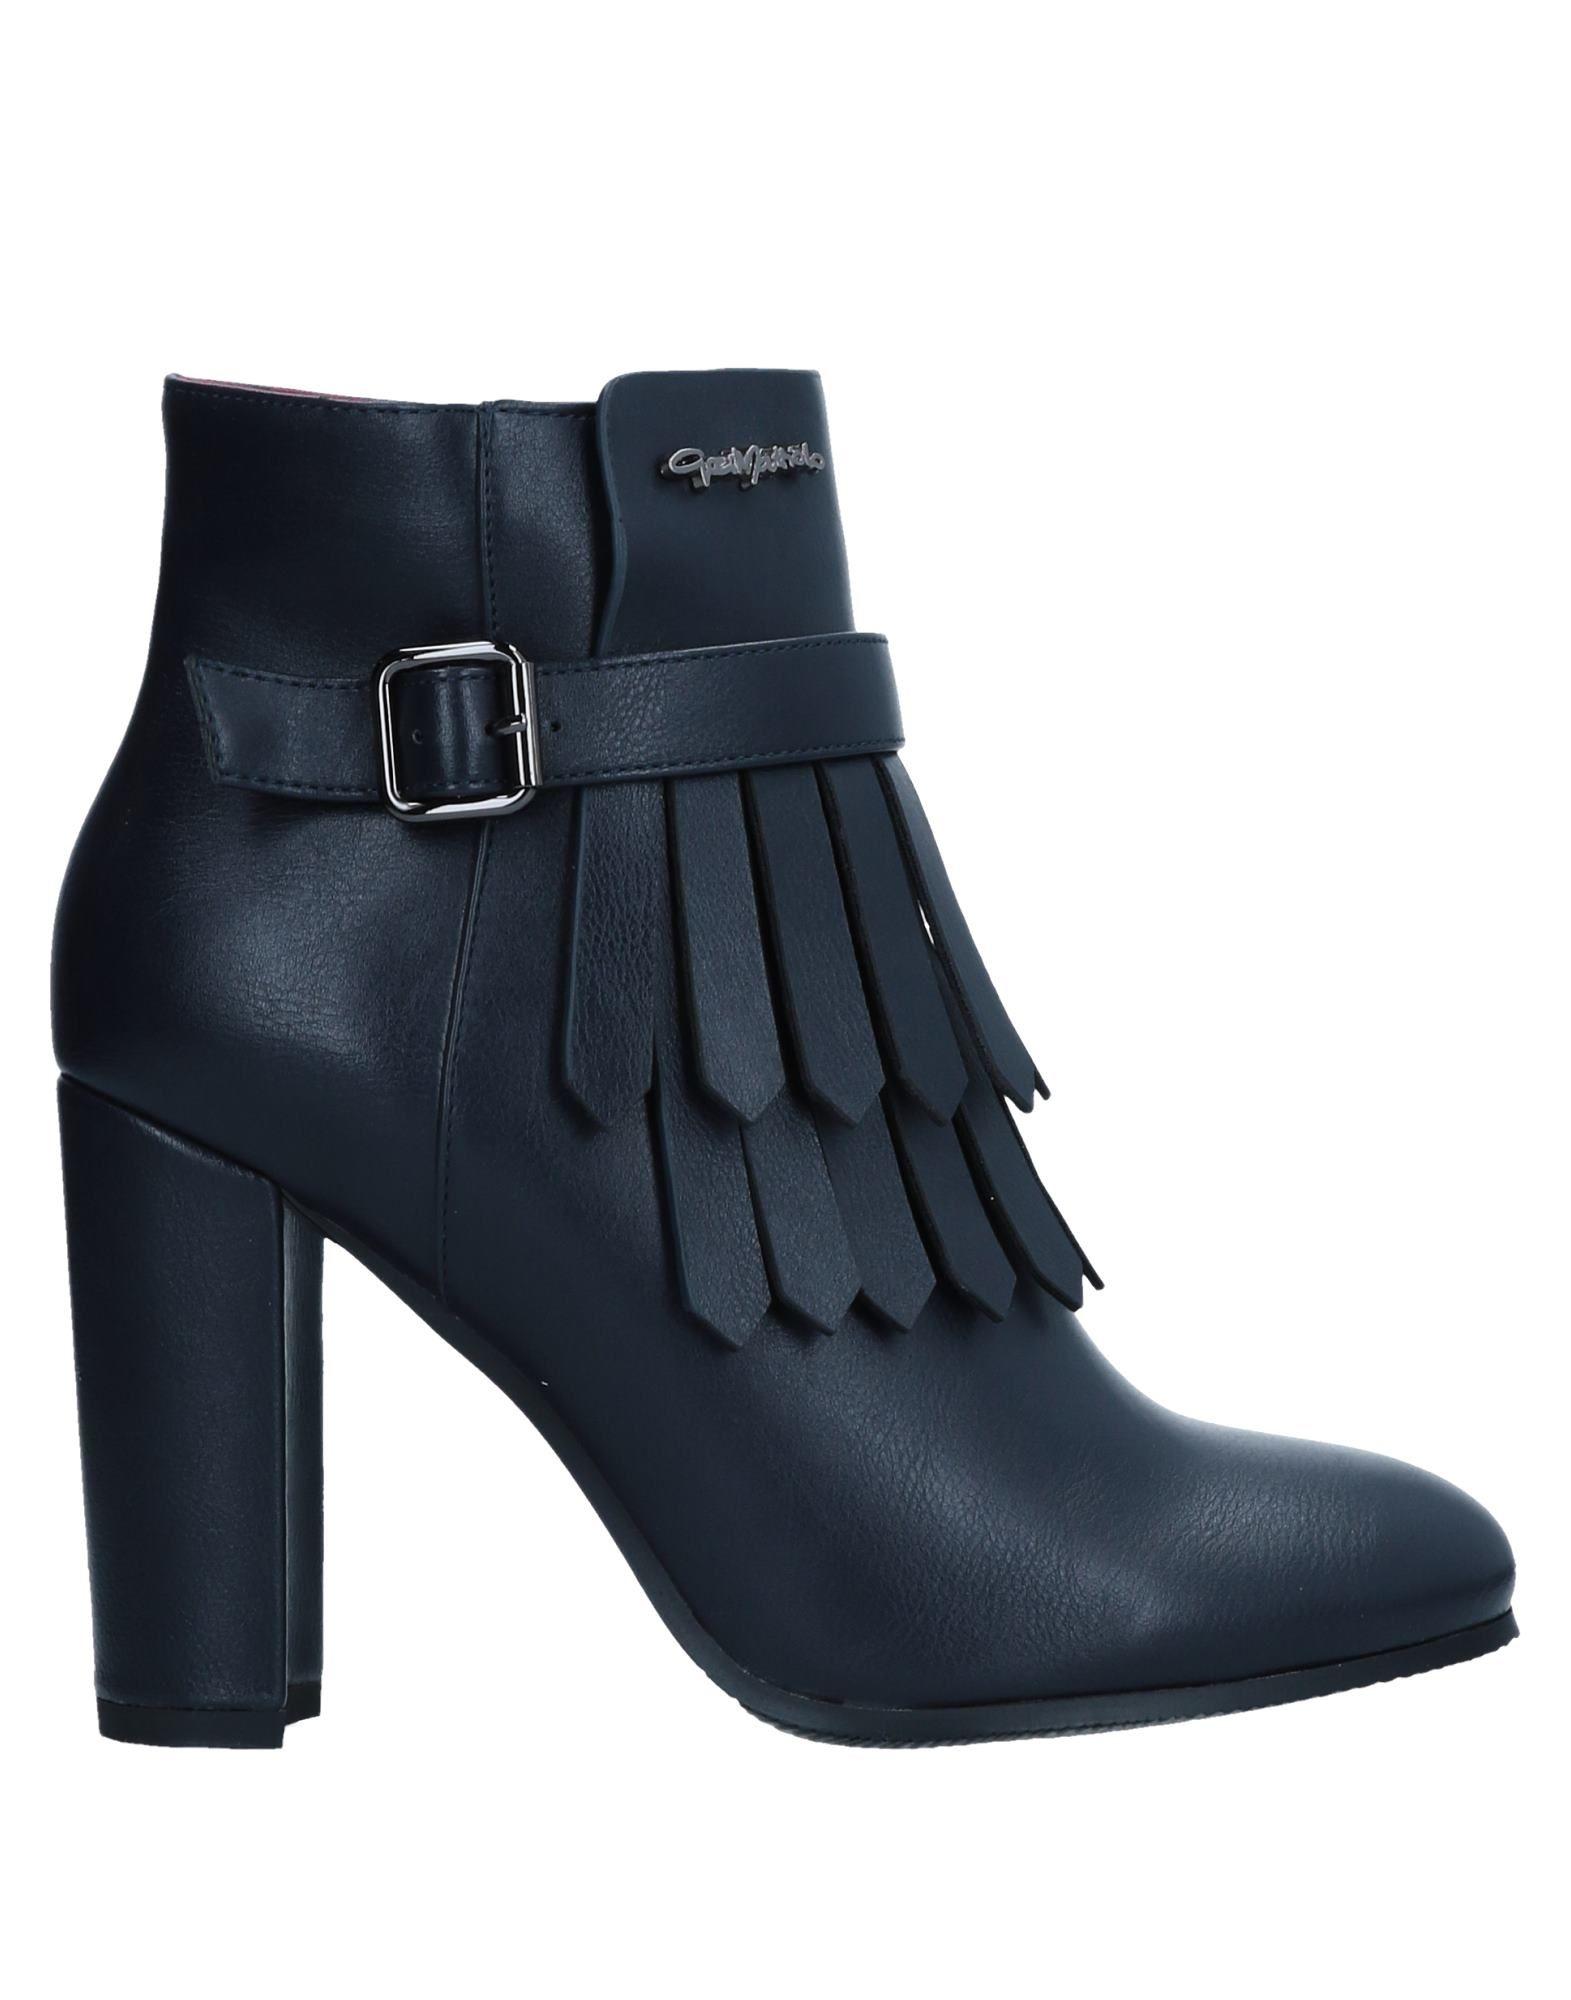 Gai Mattiolo Stiefelette Damen  11546736PB Gute Qualität beliebte Schuhe